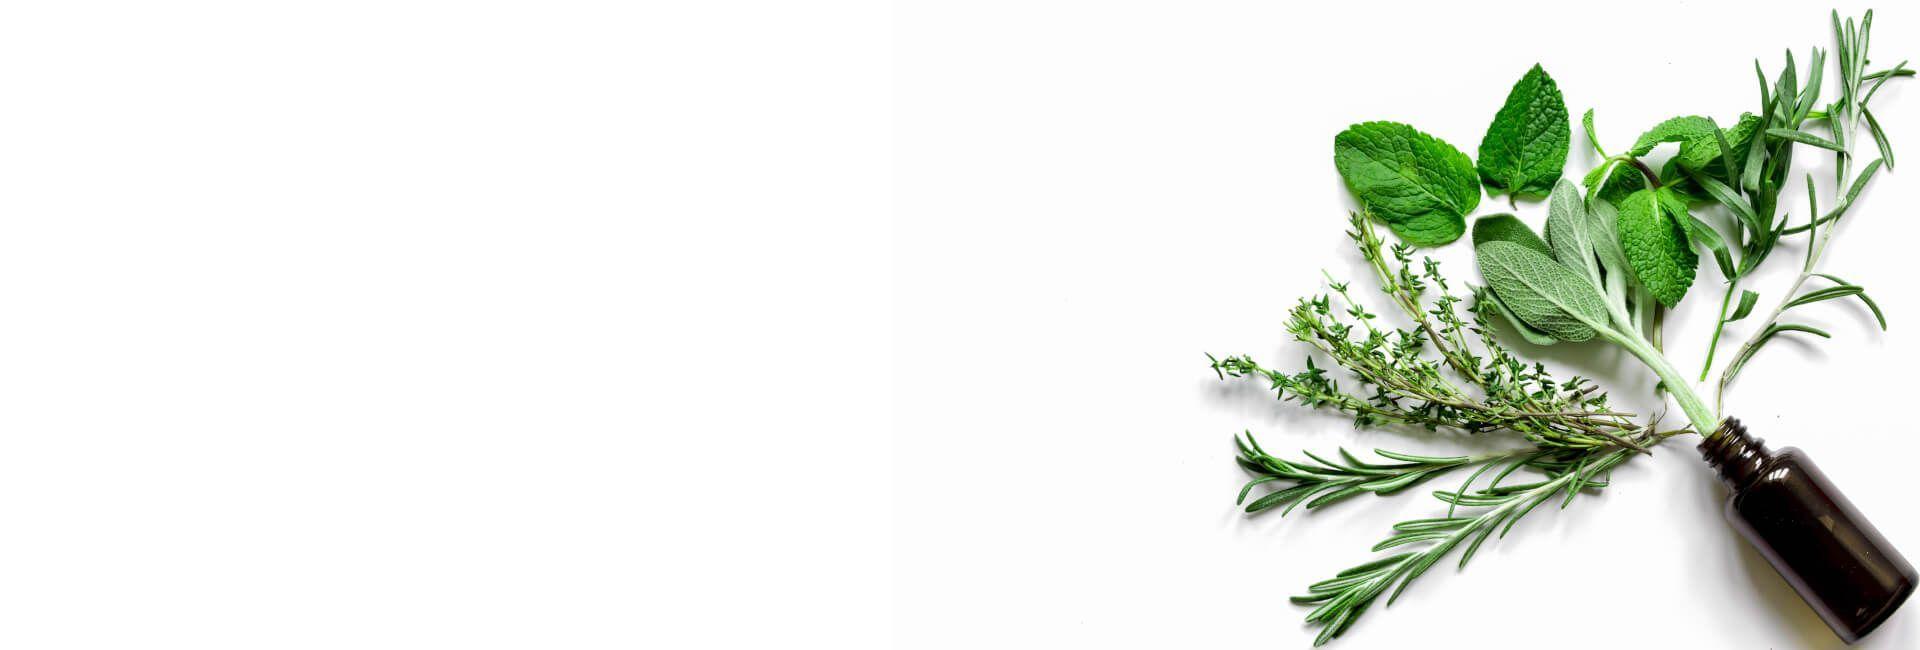 Herbs Flower Gifts Bristol - Best in Bristol, CT